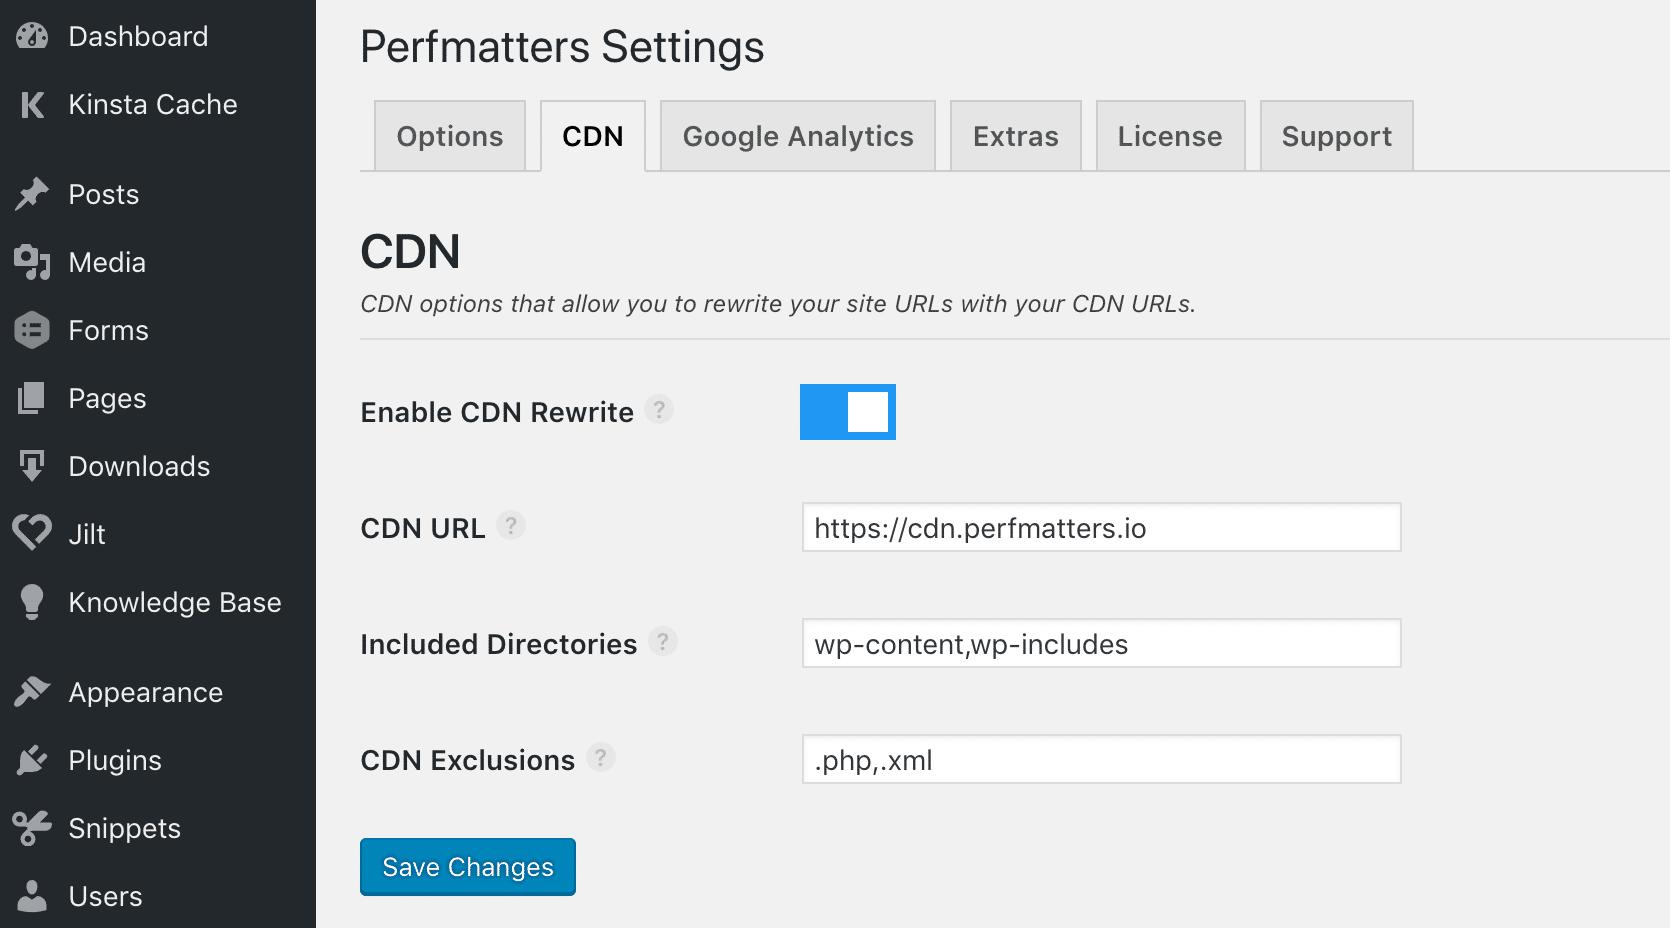 Ativar o CDN no WordPress com o Perfmatters